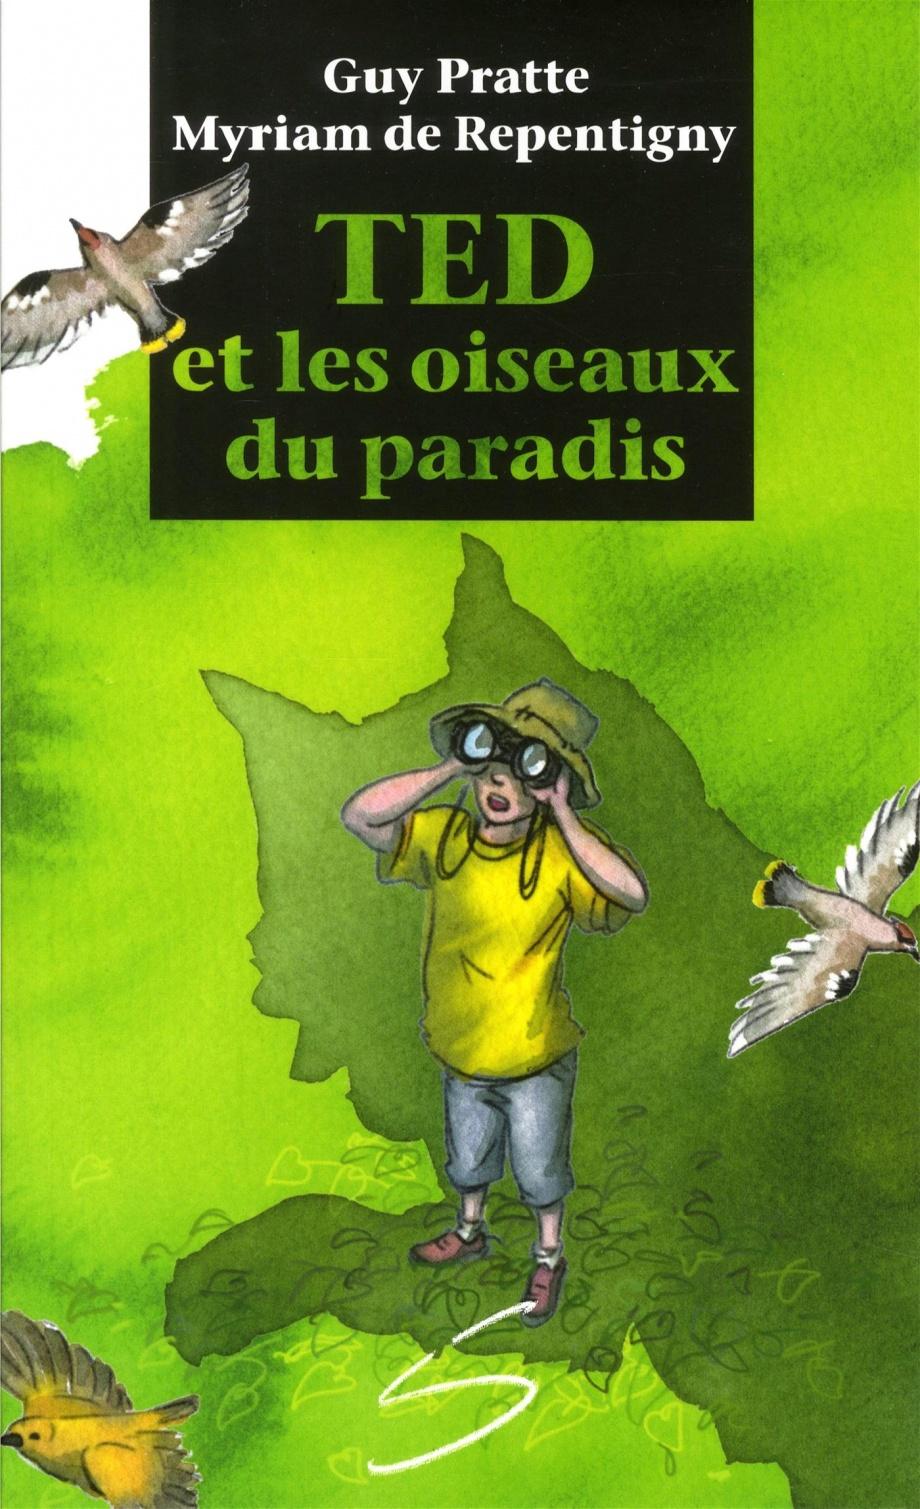 Ted et les oiseaux du paradis